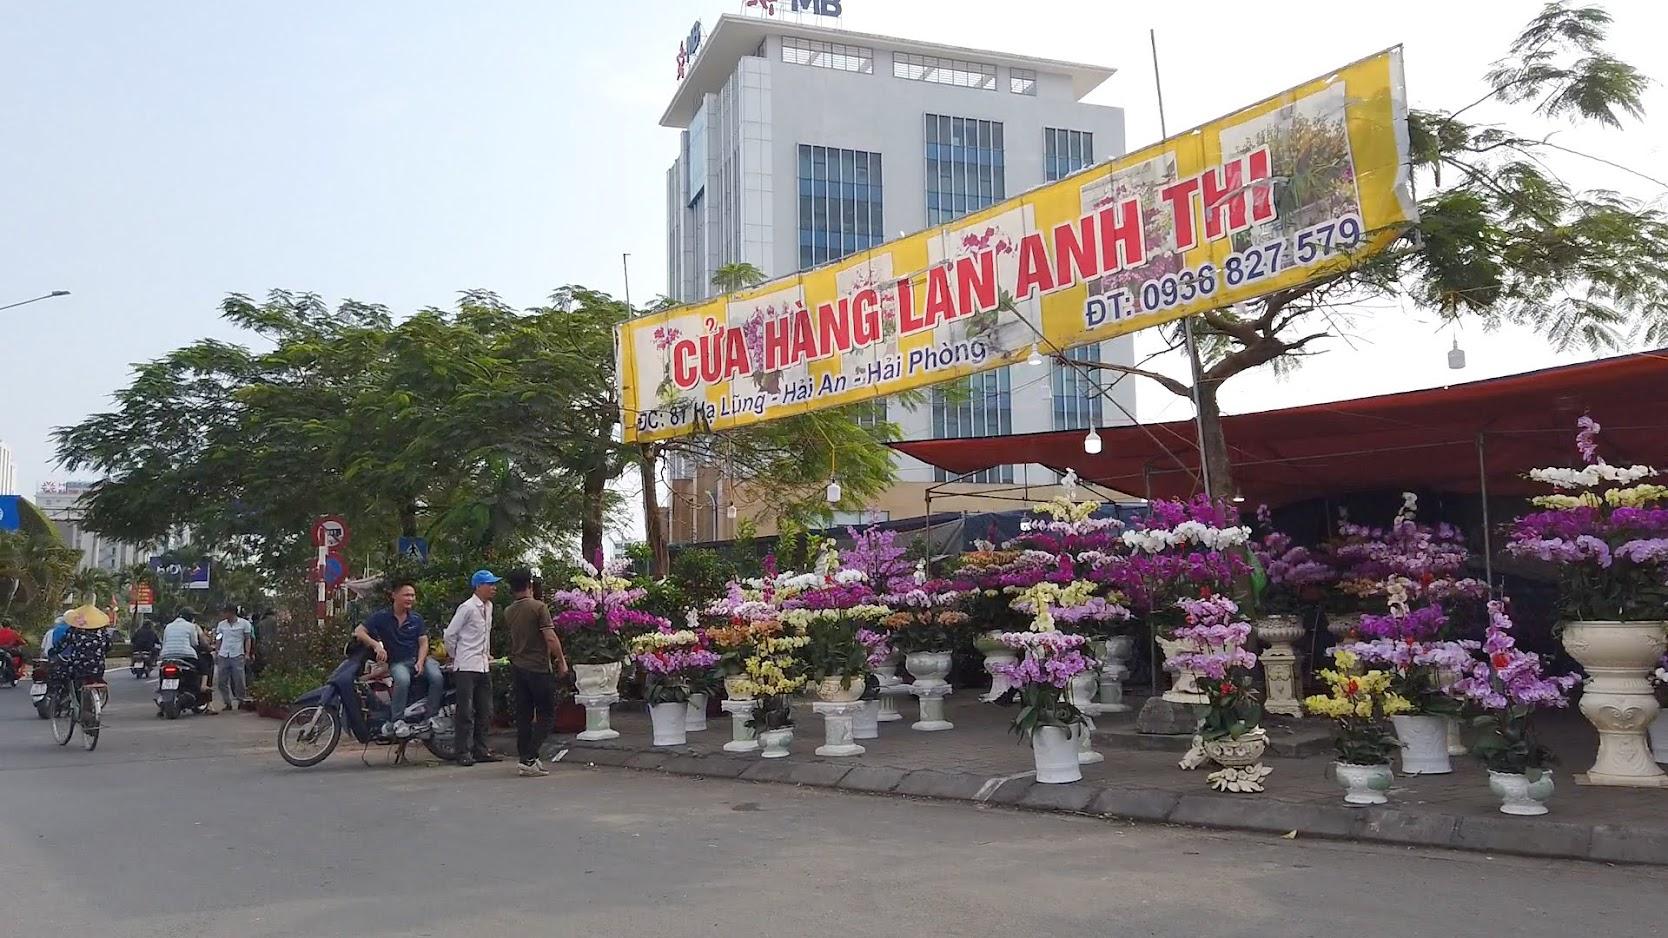 Chợ hoa Tết 2020 đường Lê Hồng Phong ở Hải Phòng 3